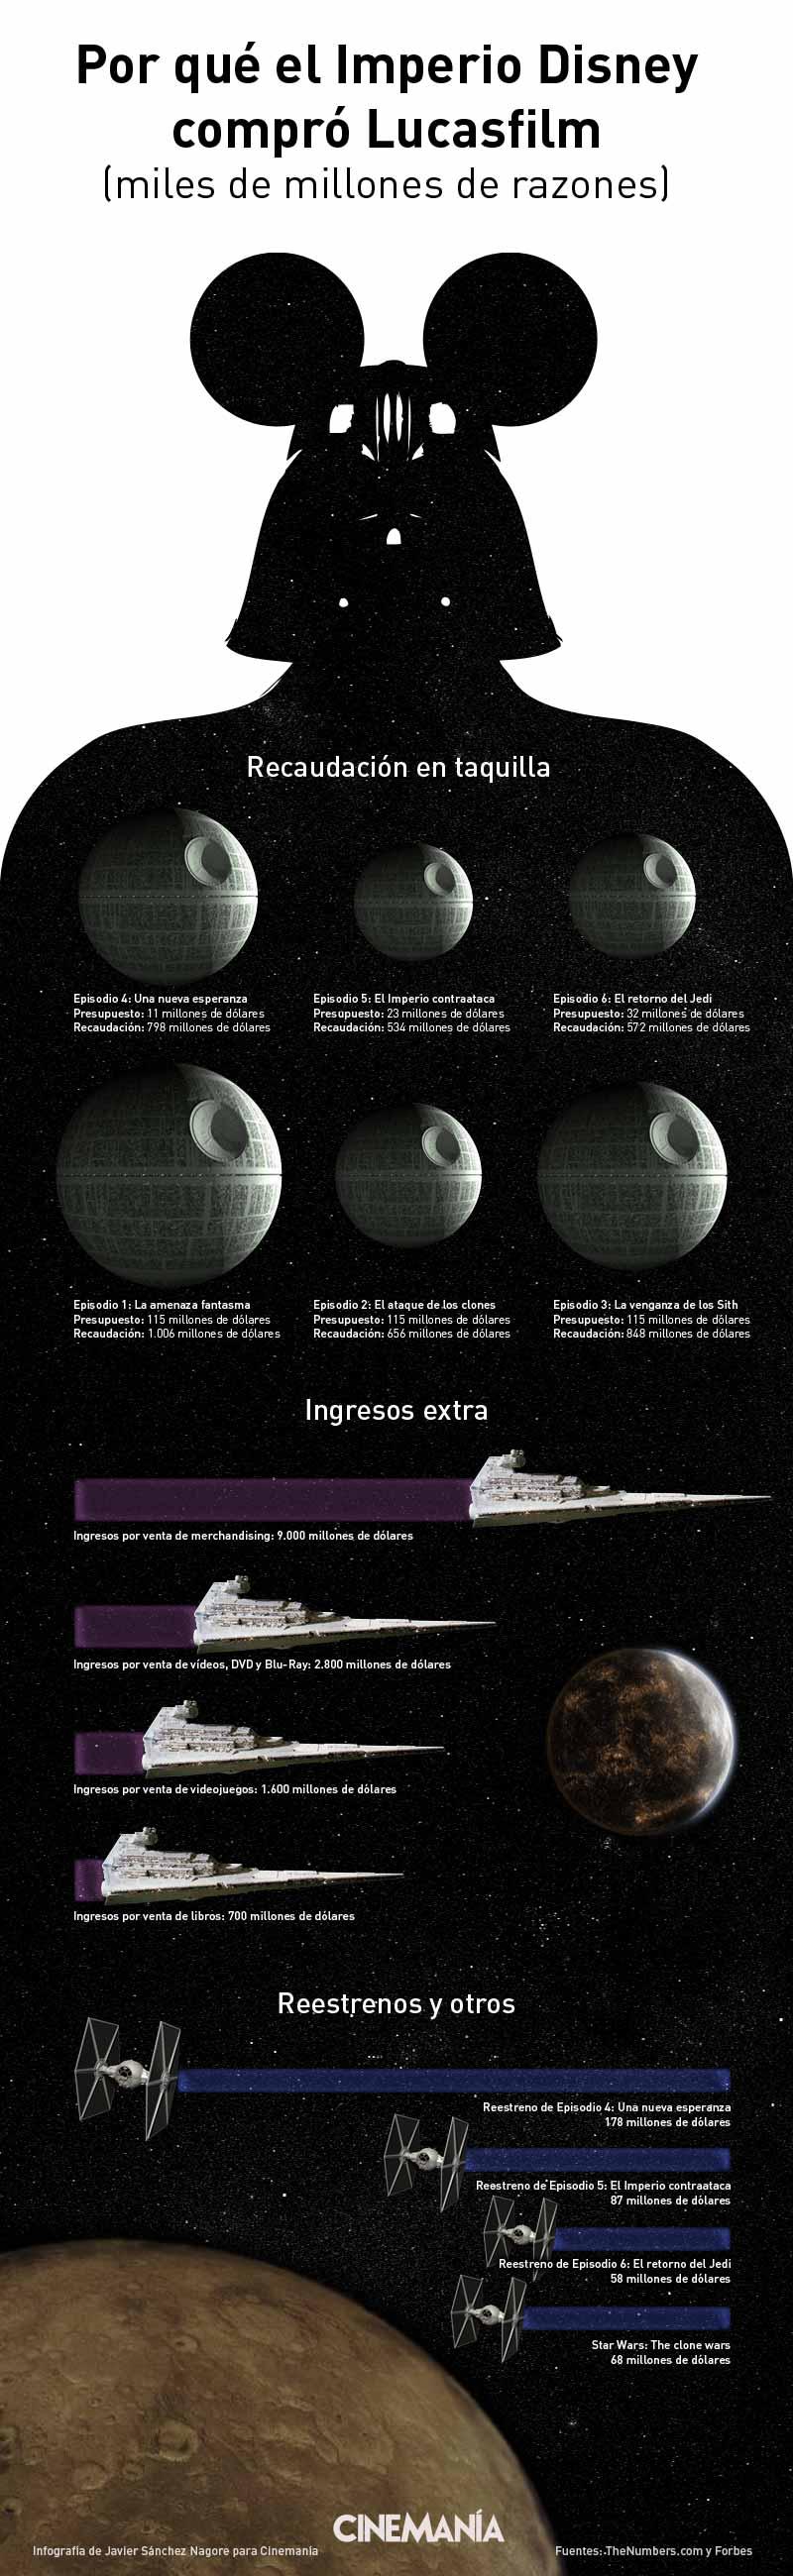 Infografía de Disney y Lucasfilm (Star wars) para Cinemanía